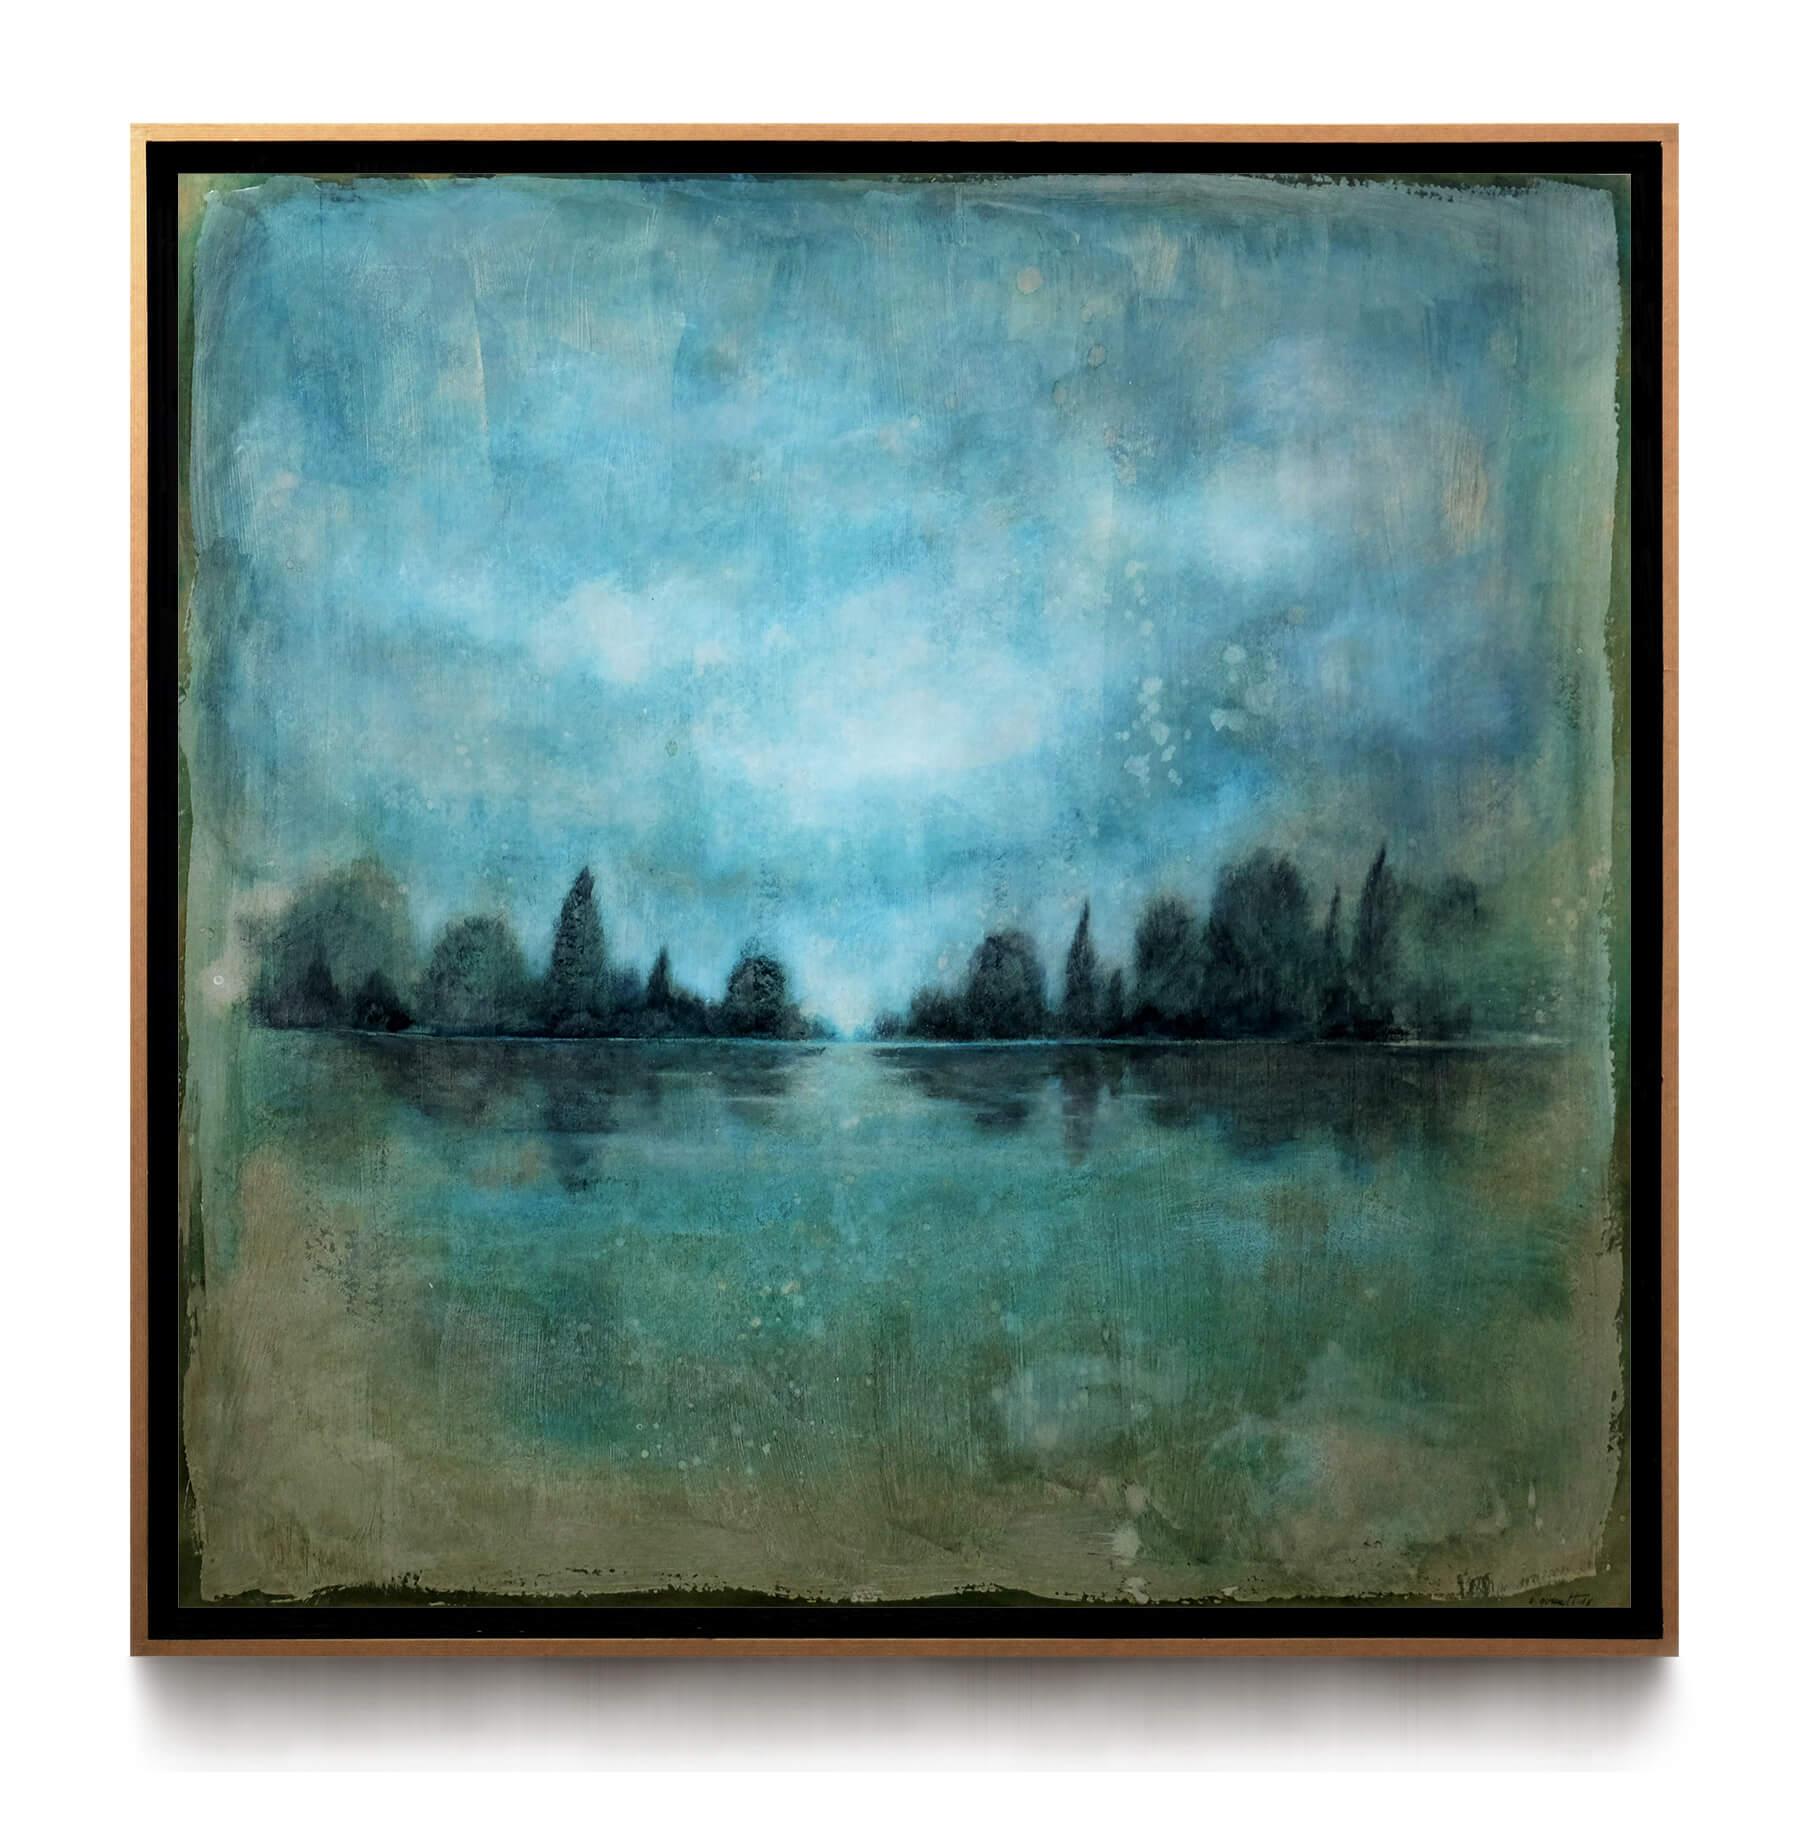 paysage_lagune_bleu_80x80cm_acrylique_et_encre_sur_carton_encadree_lightbox